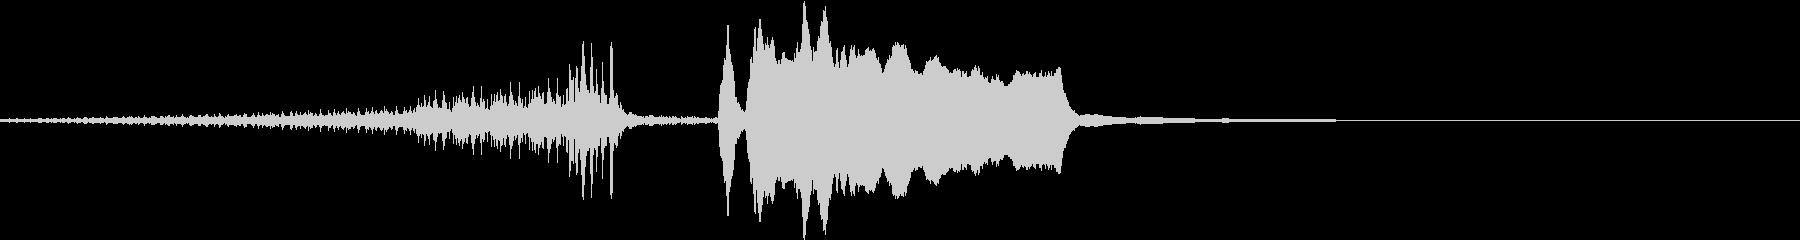 結果発表4/ドラムロール→ジャジャーンの未再生の波形